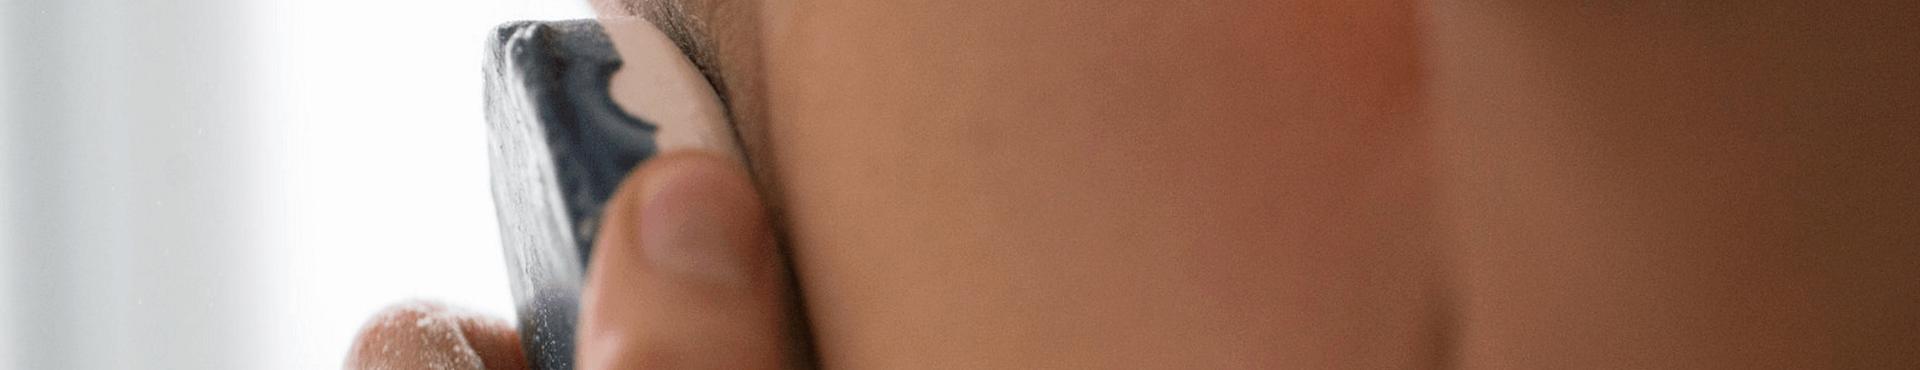 Banner - Do Lush Deodorants Contain Aluminum?